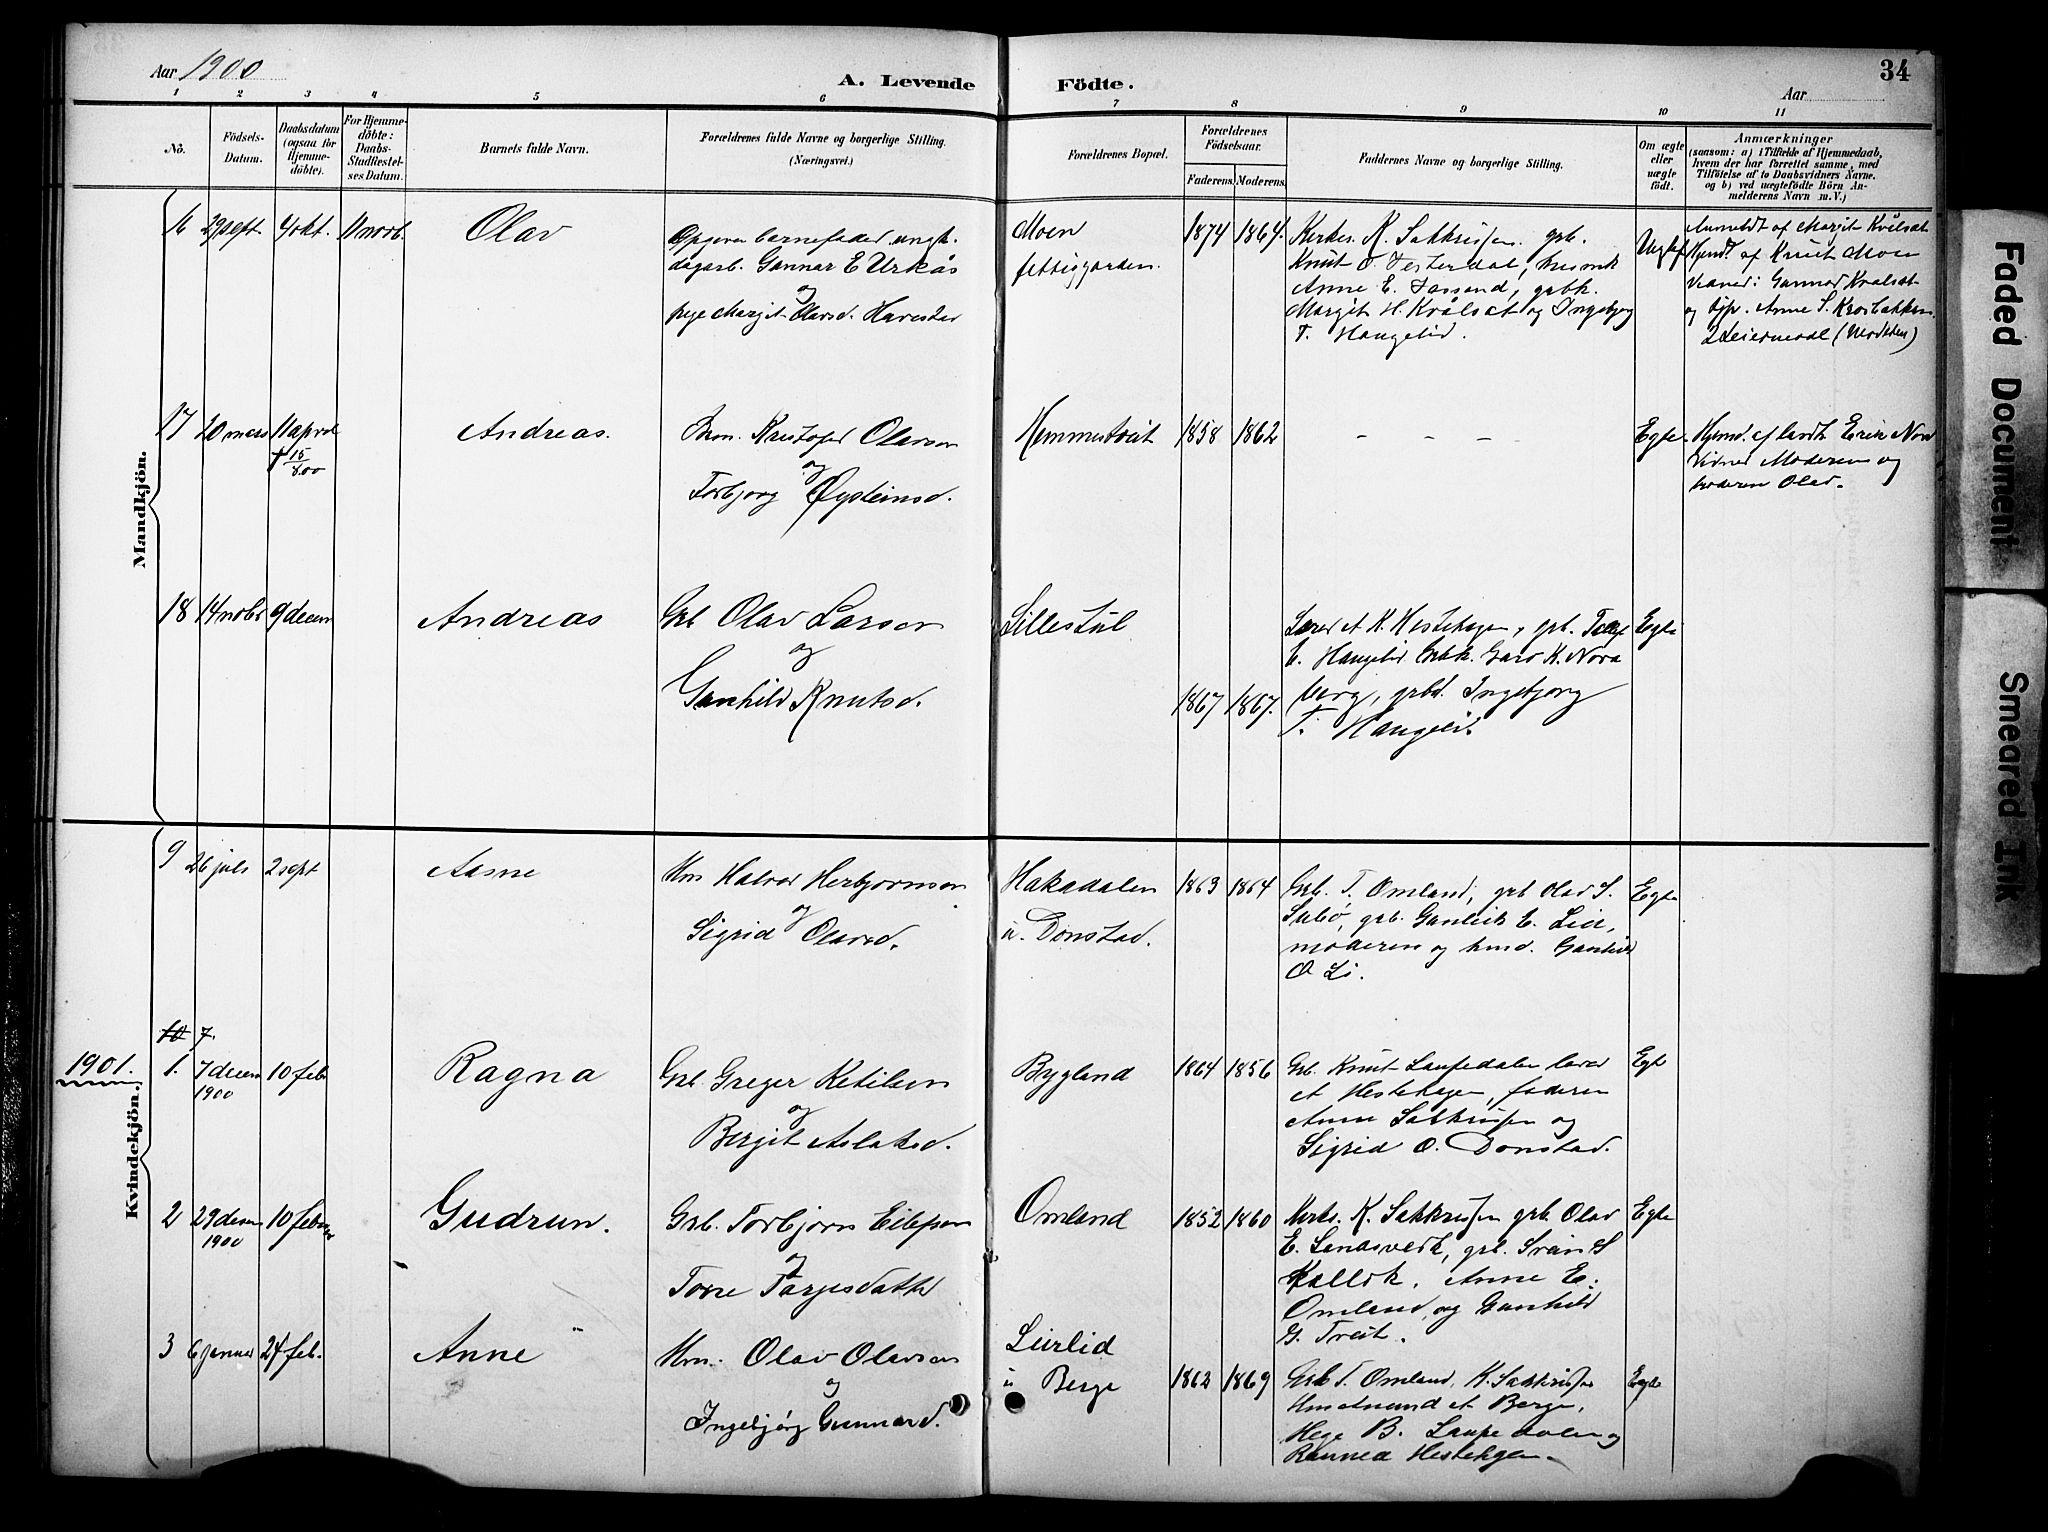 SAKO, Kviteseid kirkebøker, G/Gb/L0003: Klokkerbok nr. II 3, 1893-1933, s. 34